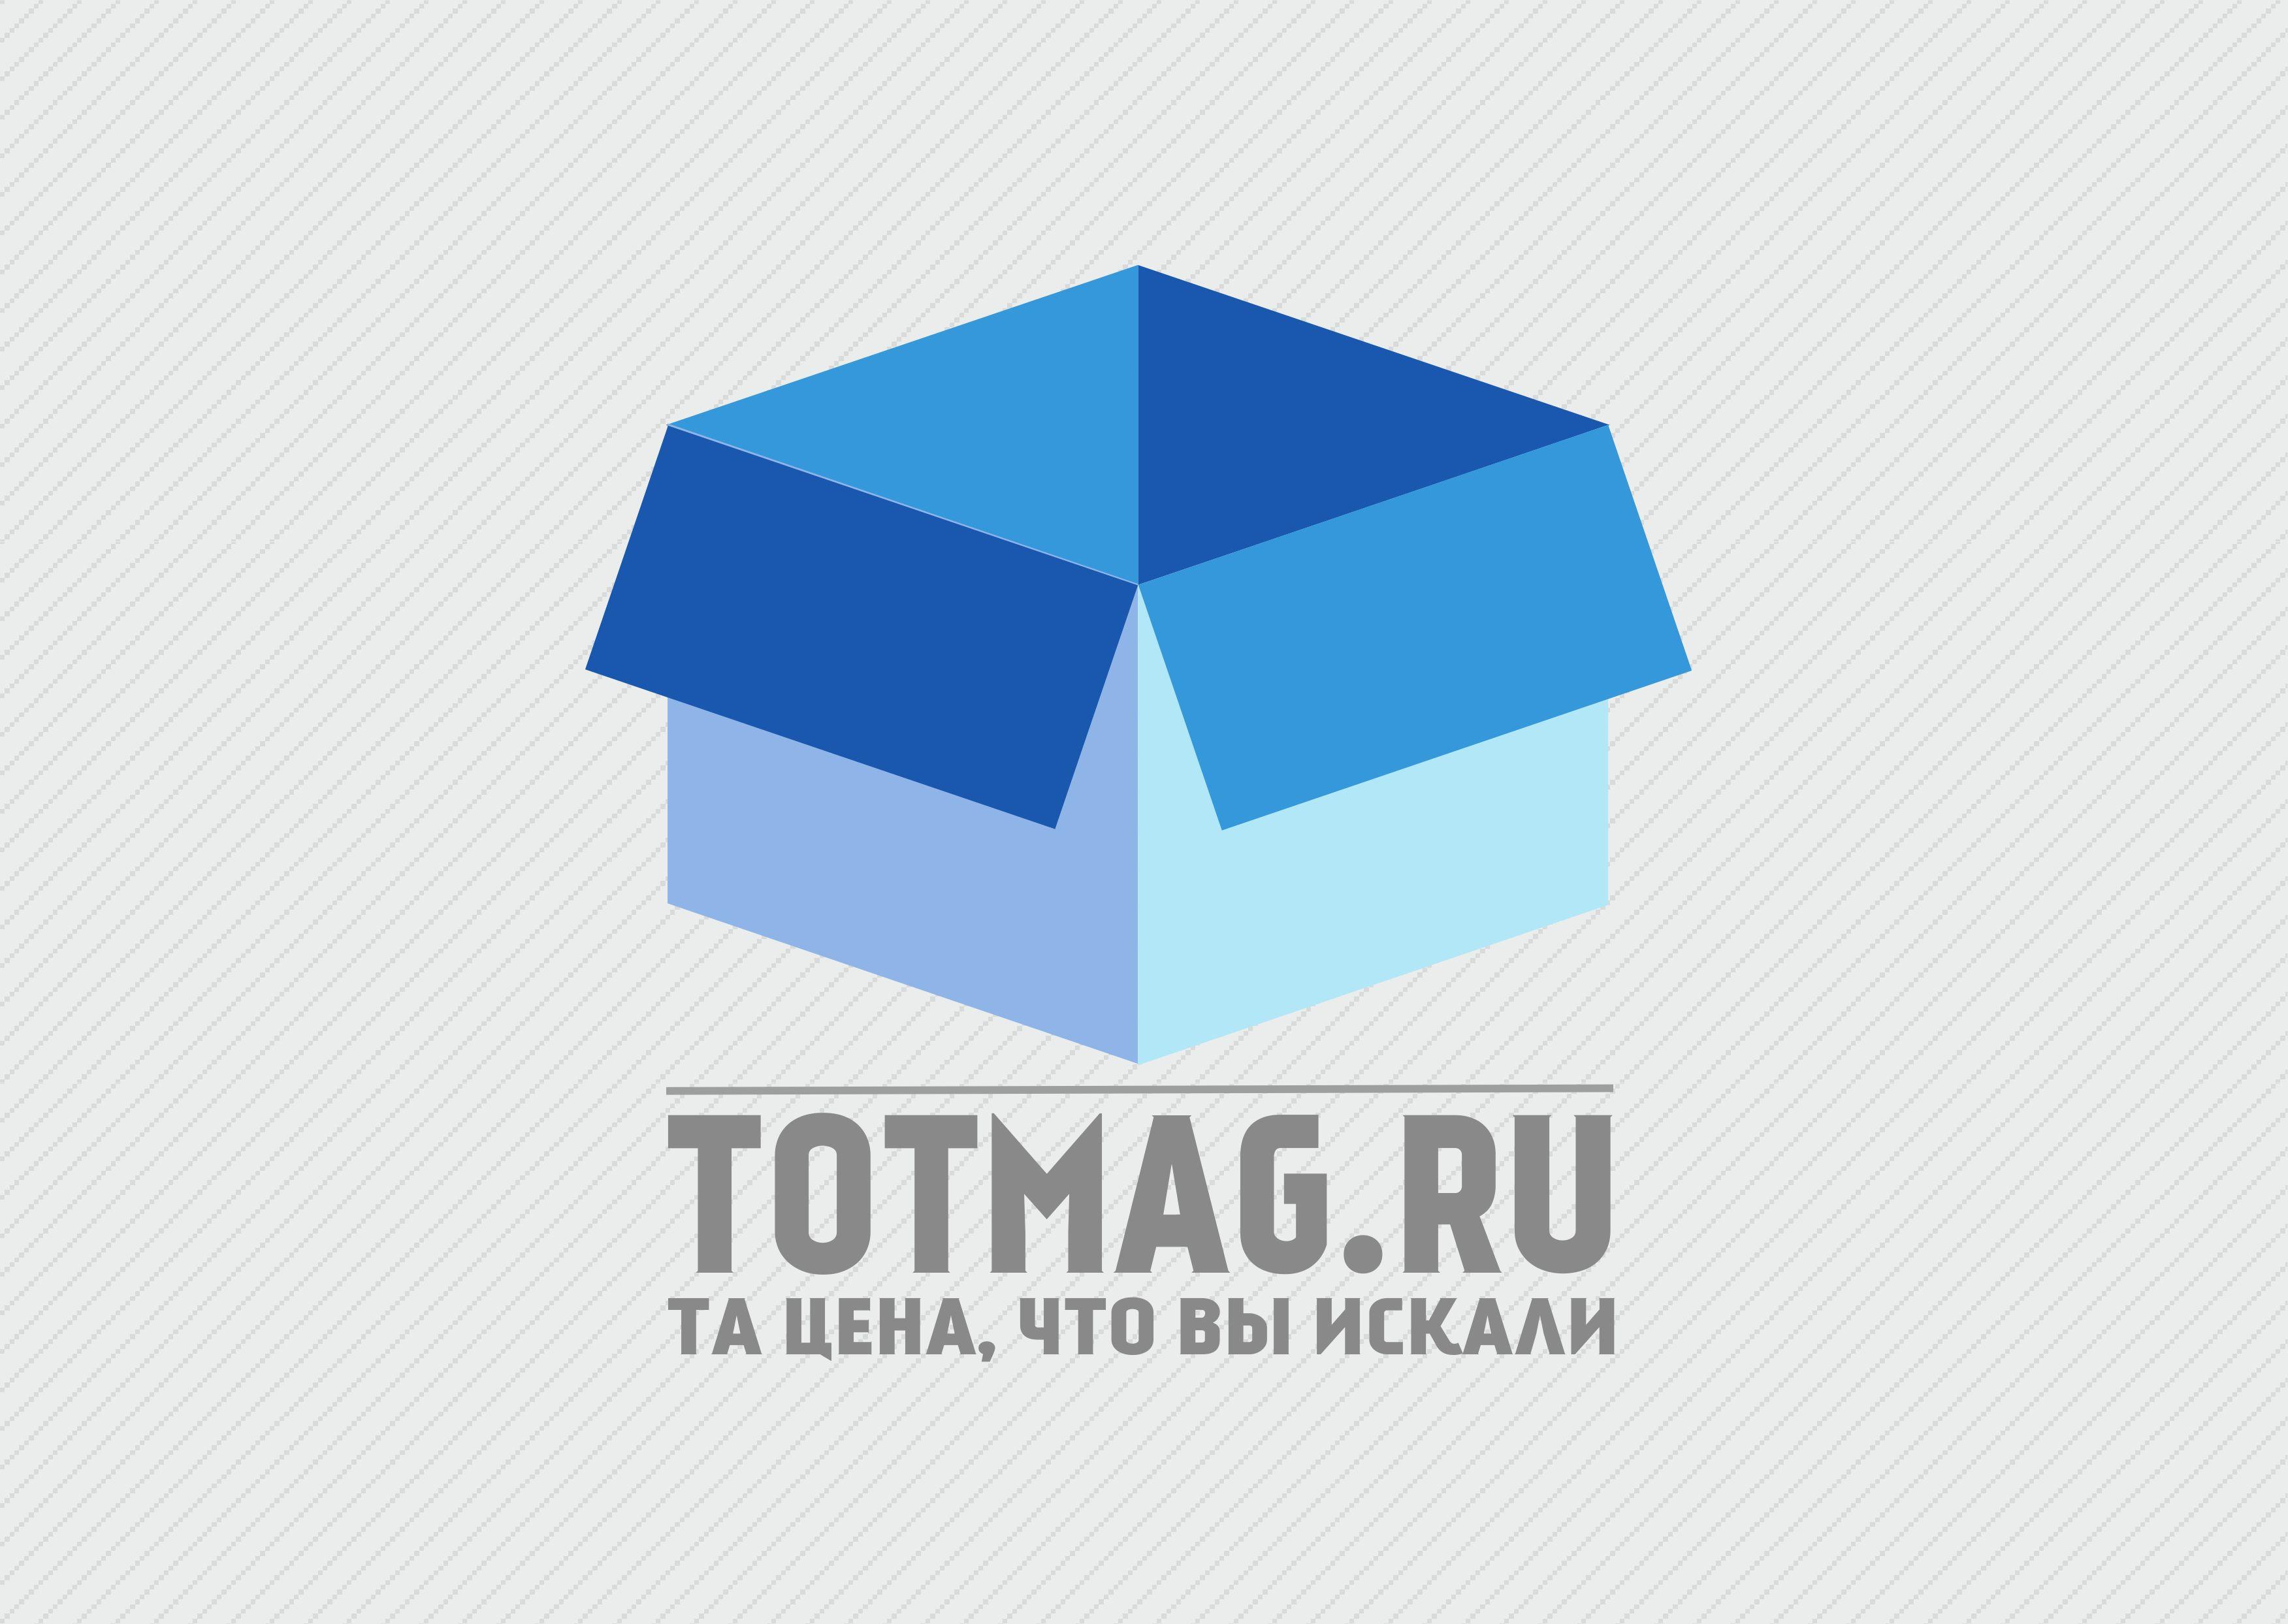 Логотип для интернет магазина totmag.ru - дизайнер VadimNJet